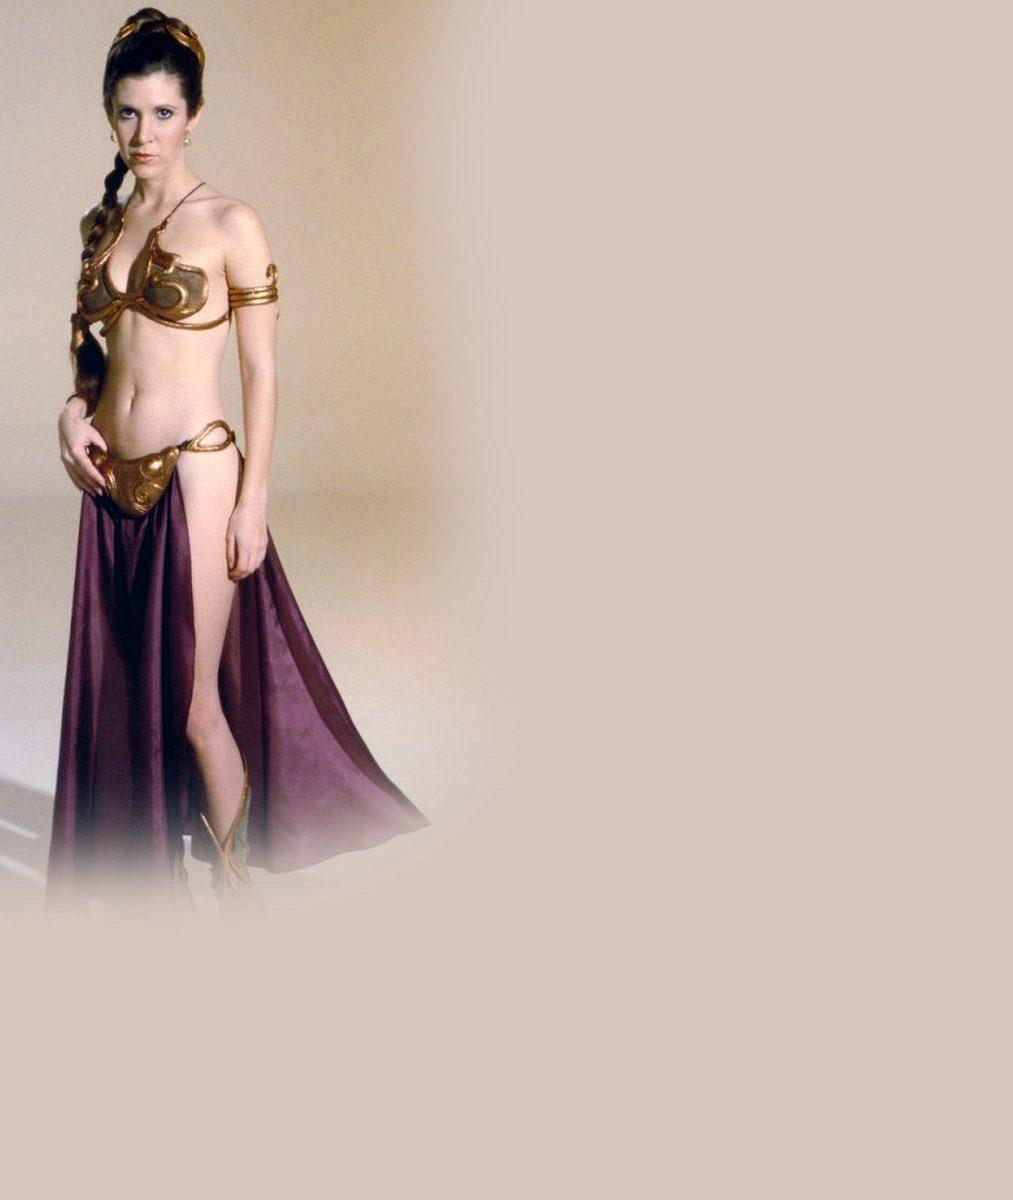 Jak dopadne herecký comeback roku? Téměř šedesátiletá herečka se vrací na filmové plátno jako sexy princezna Leia ze Star Wars